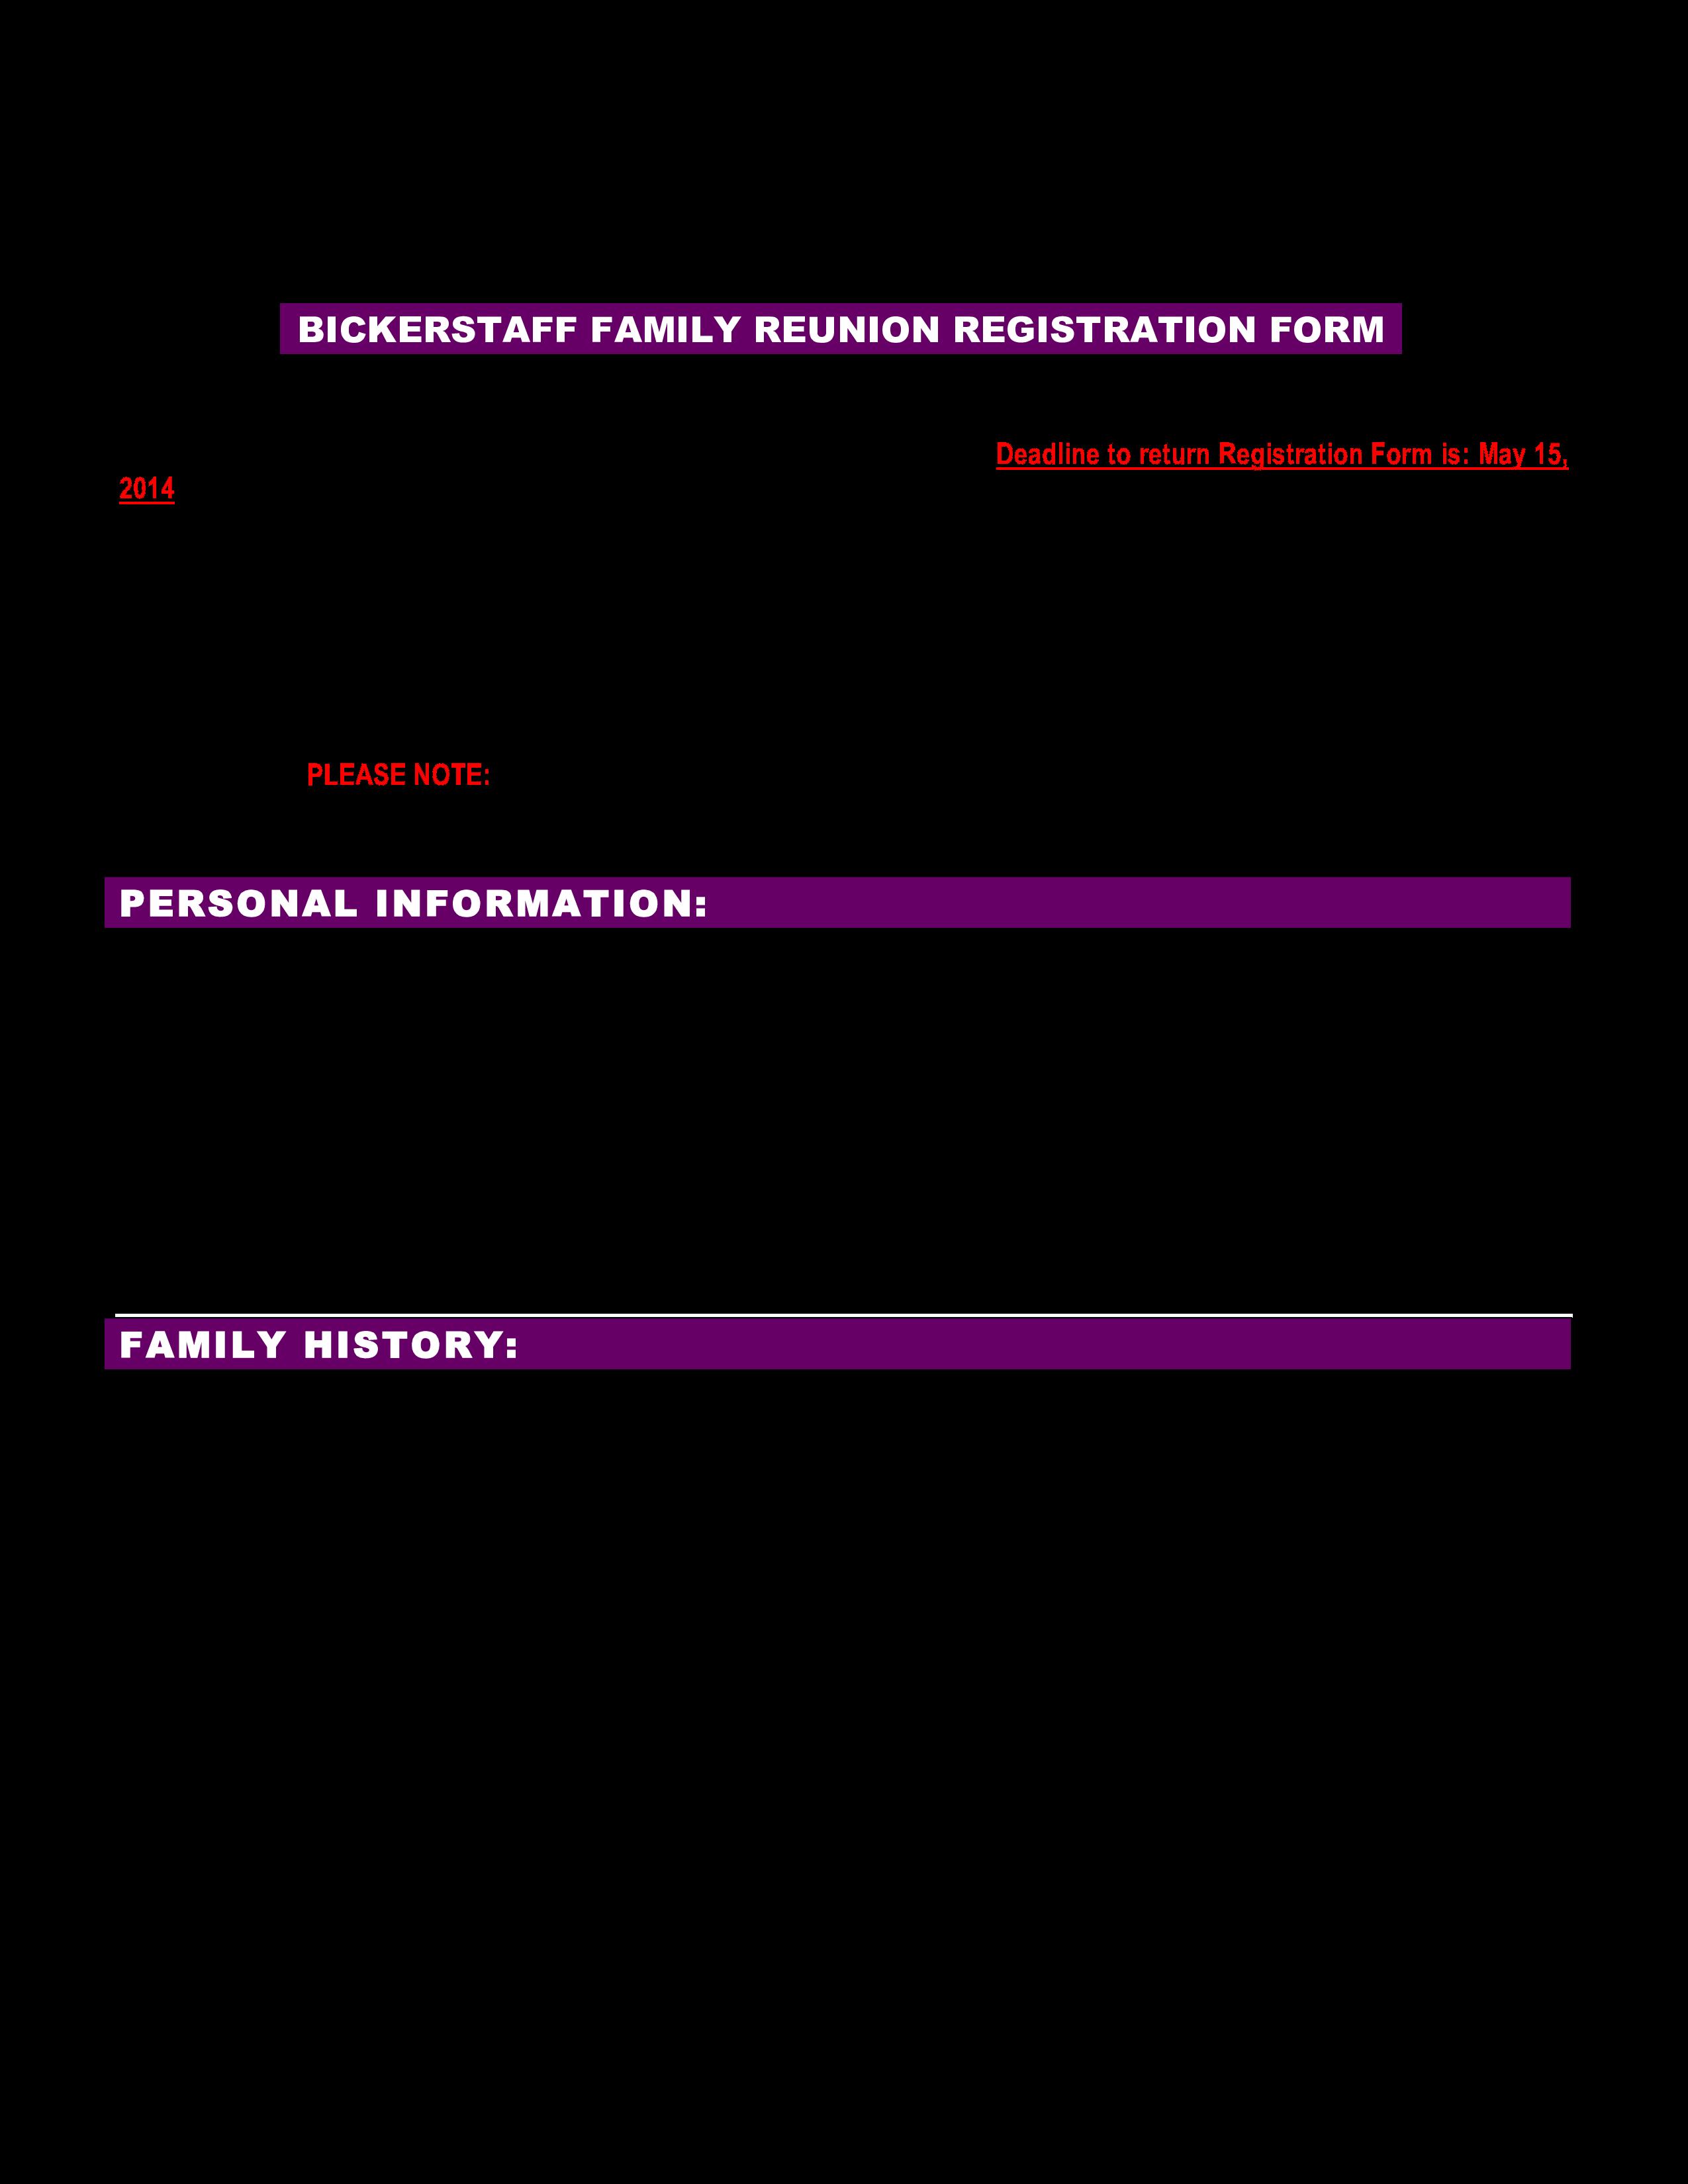 Family Reunion Registration Form